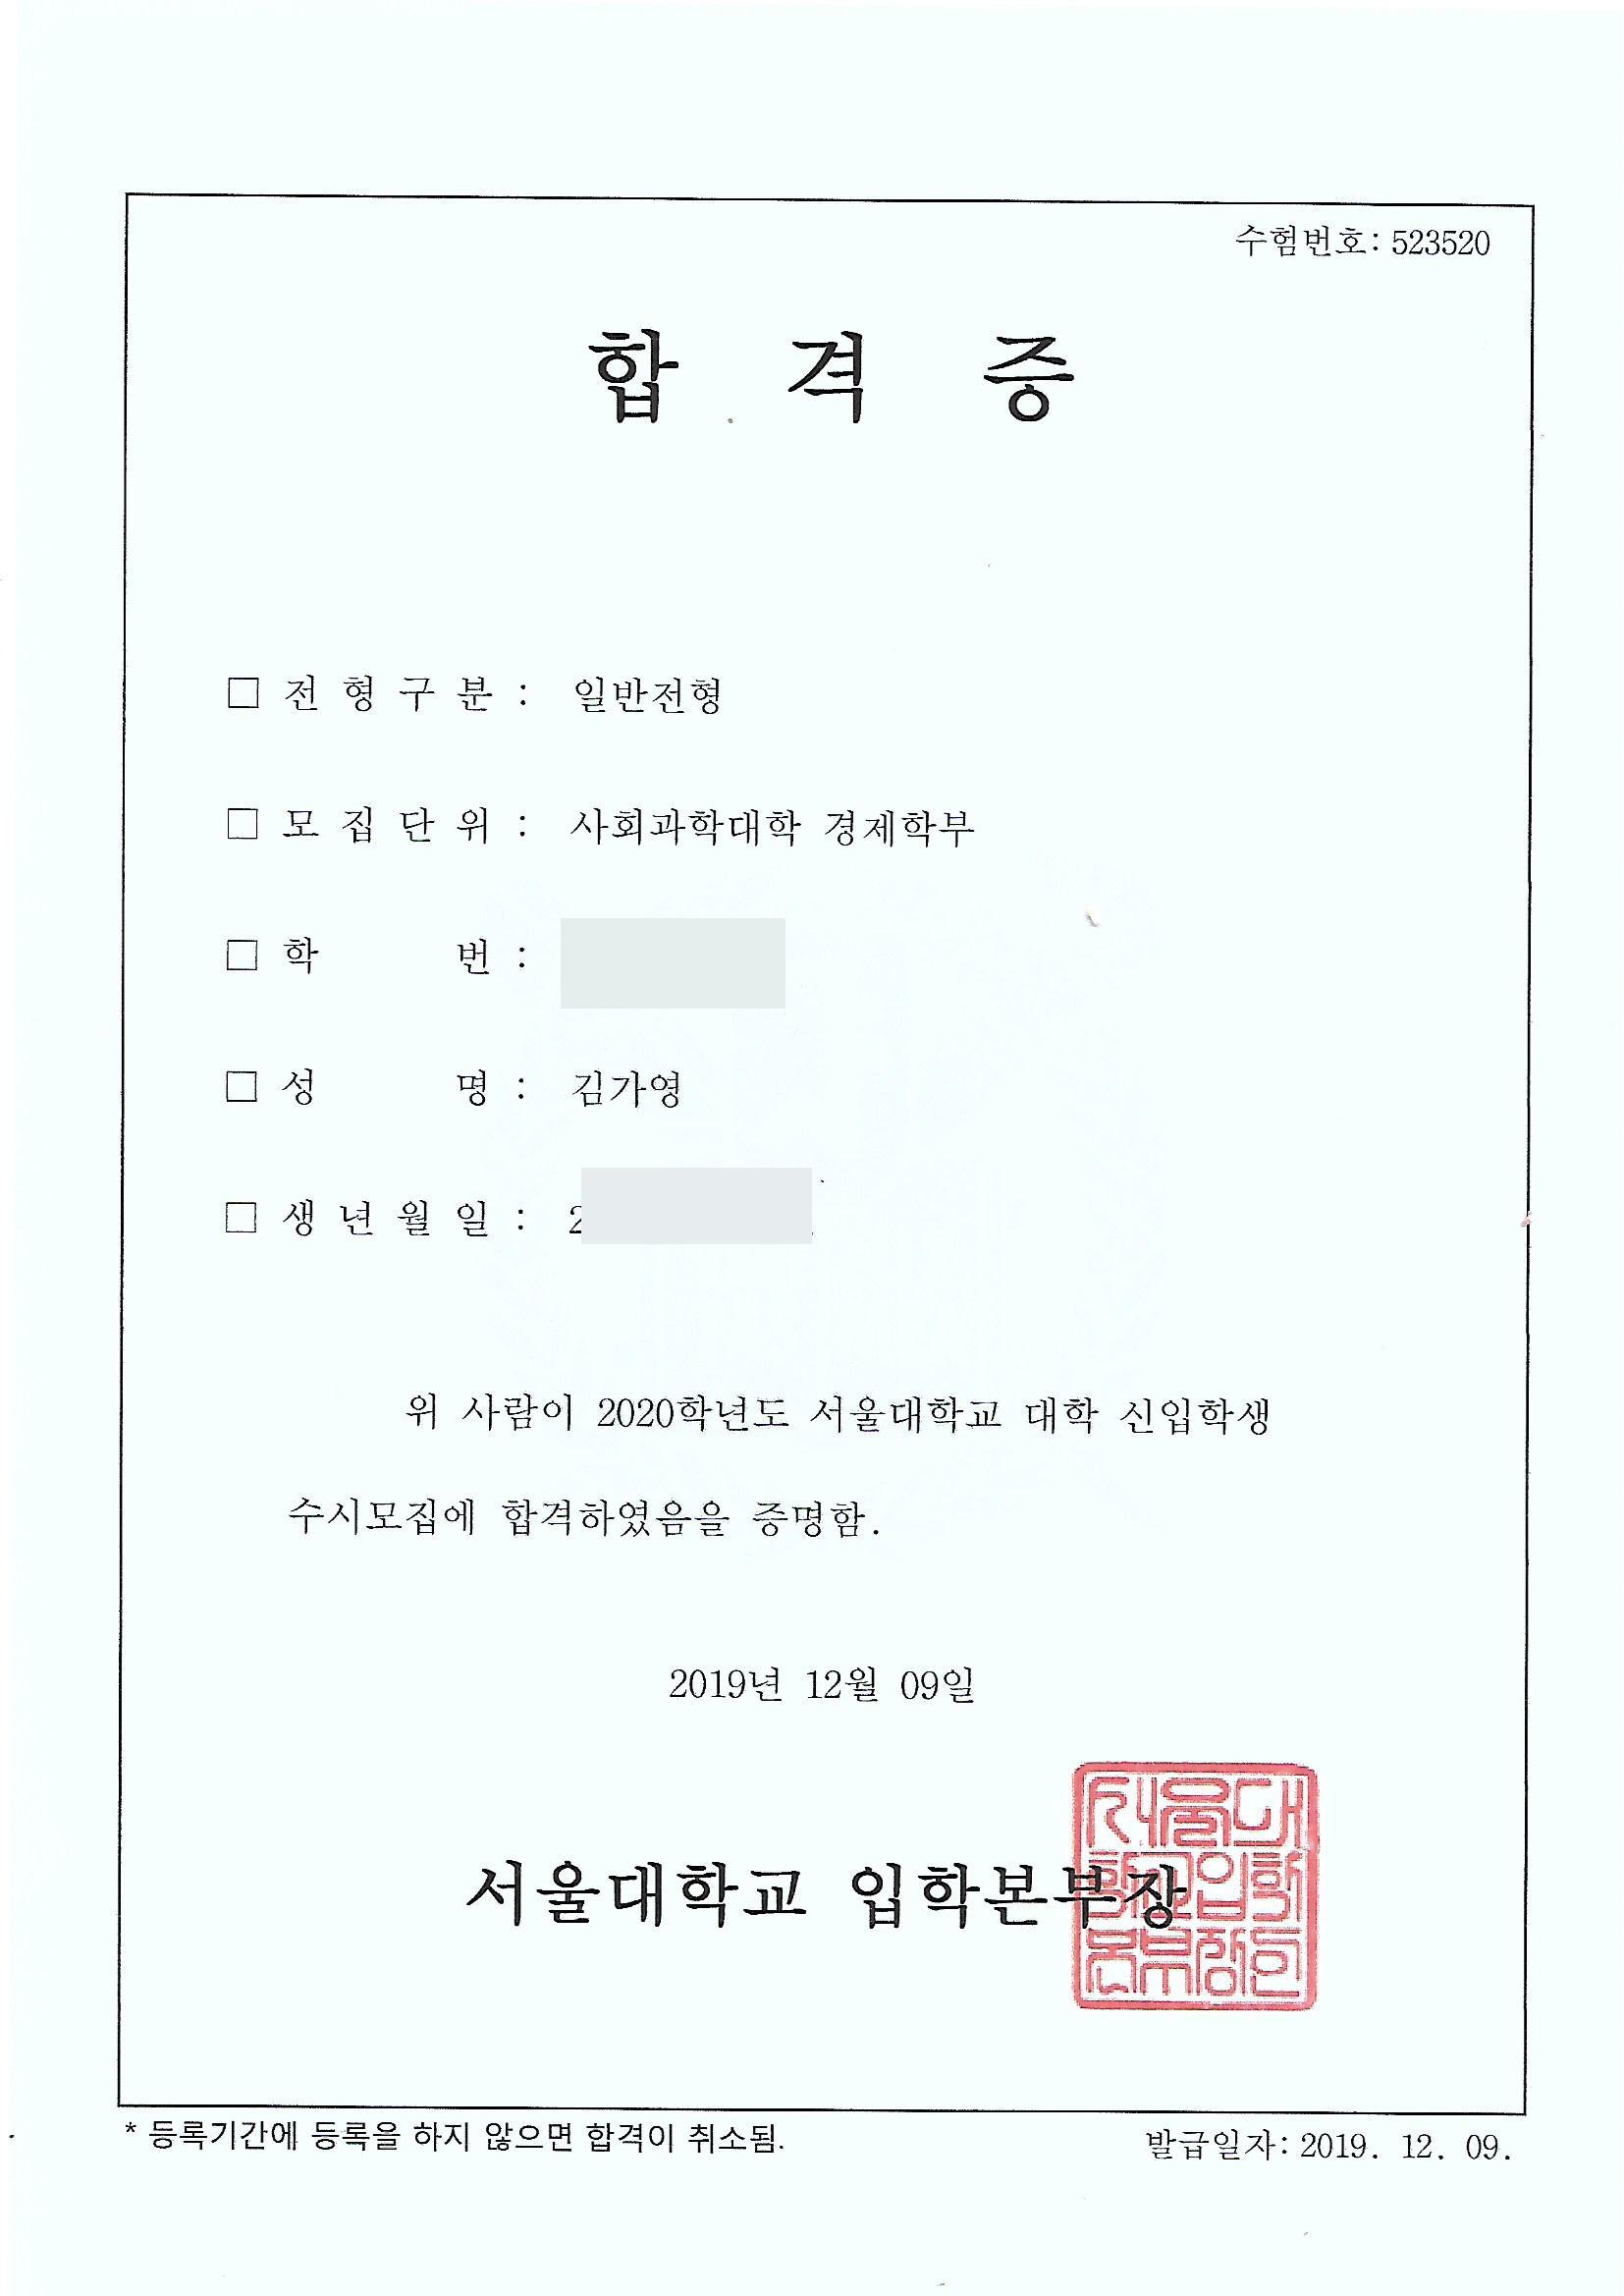 [비교과 준비 노하우] 서울대 경제학과 최초합 생기부 대공개!